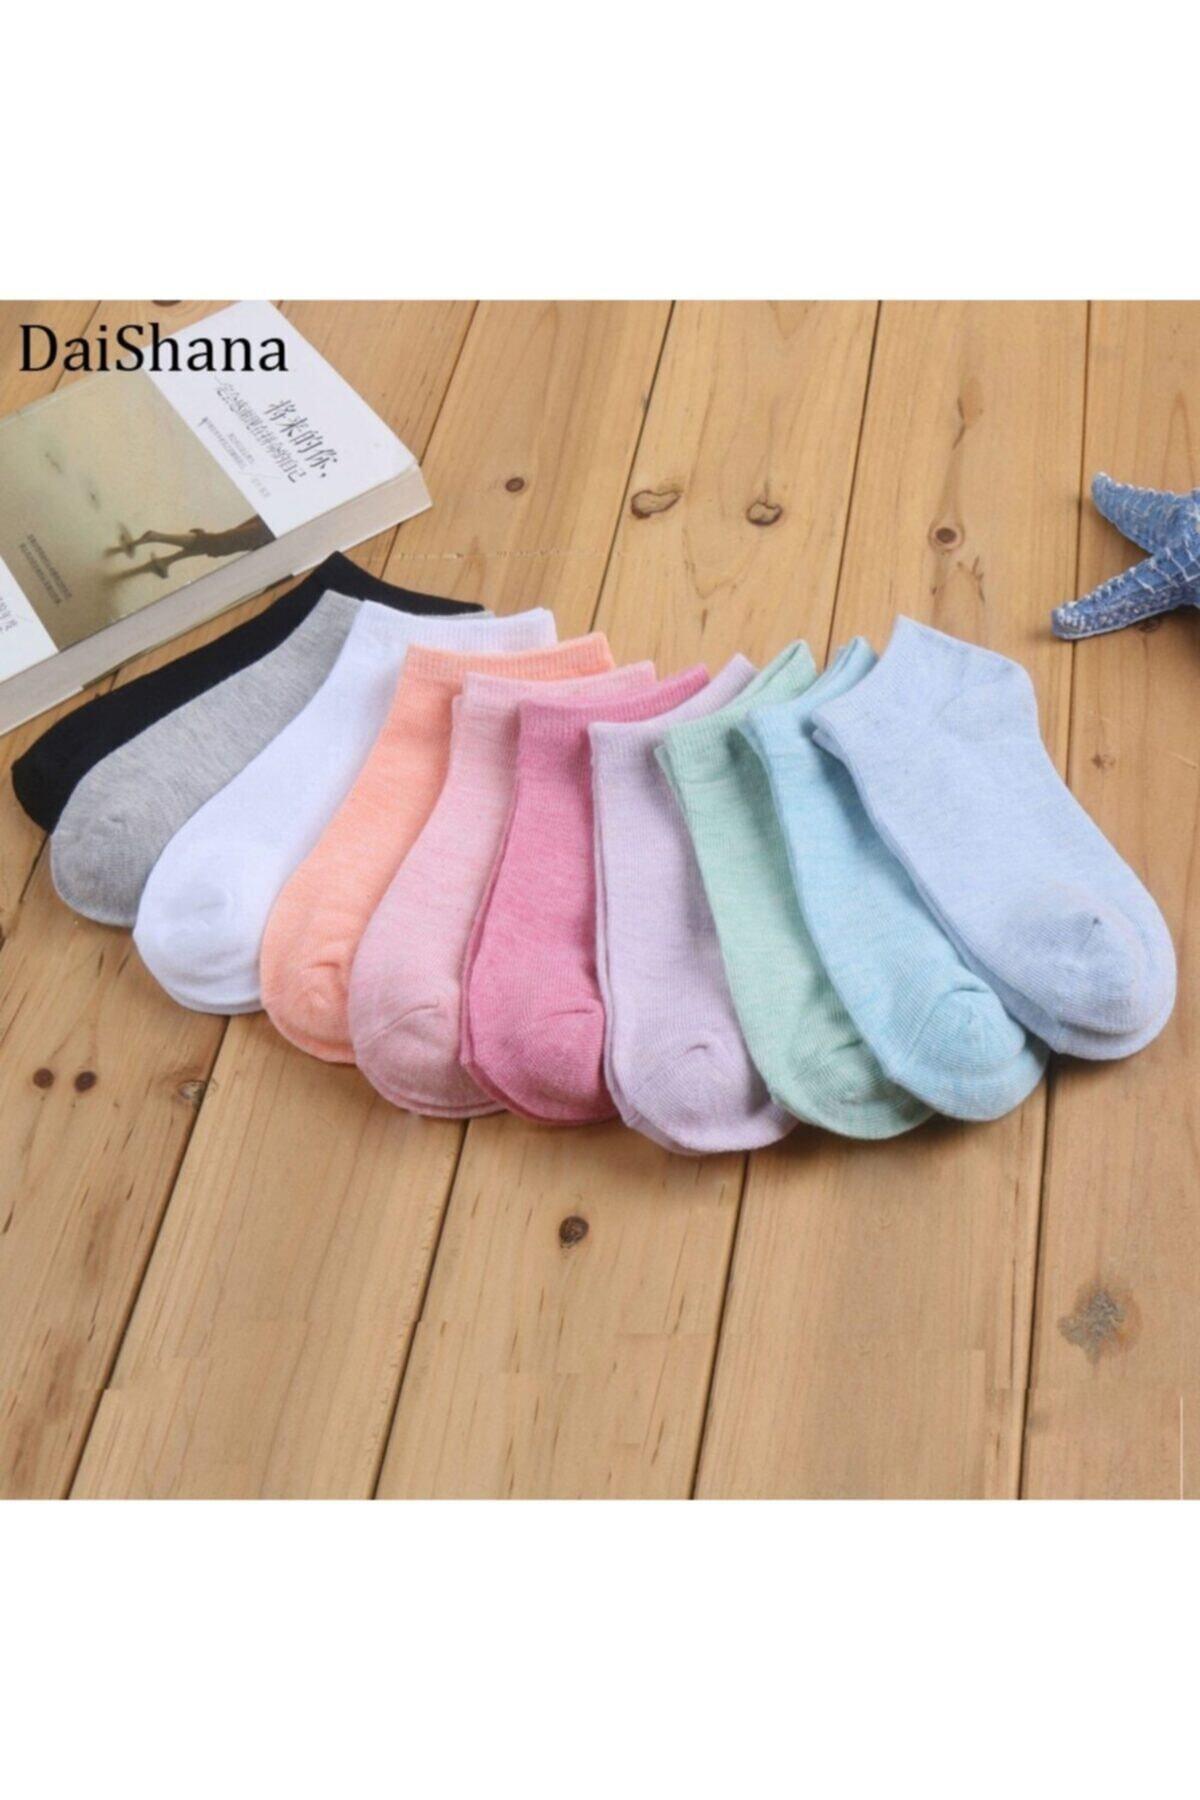 FUBA Aksesuar 10 Çift Koton Karışık Renk Kadın Patik Çorap Seti 1